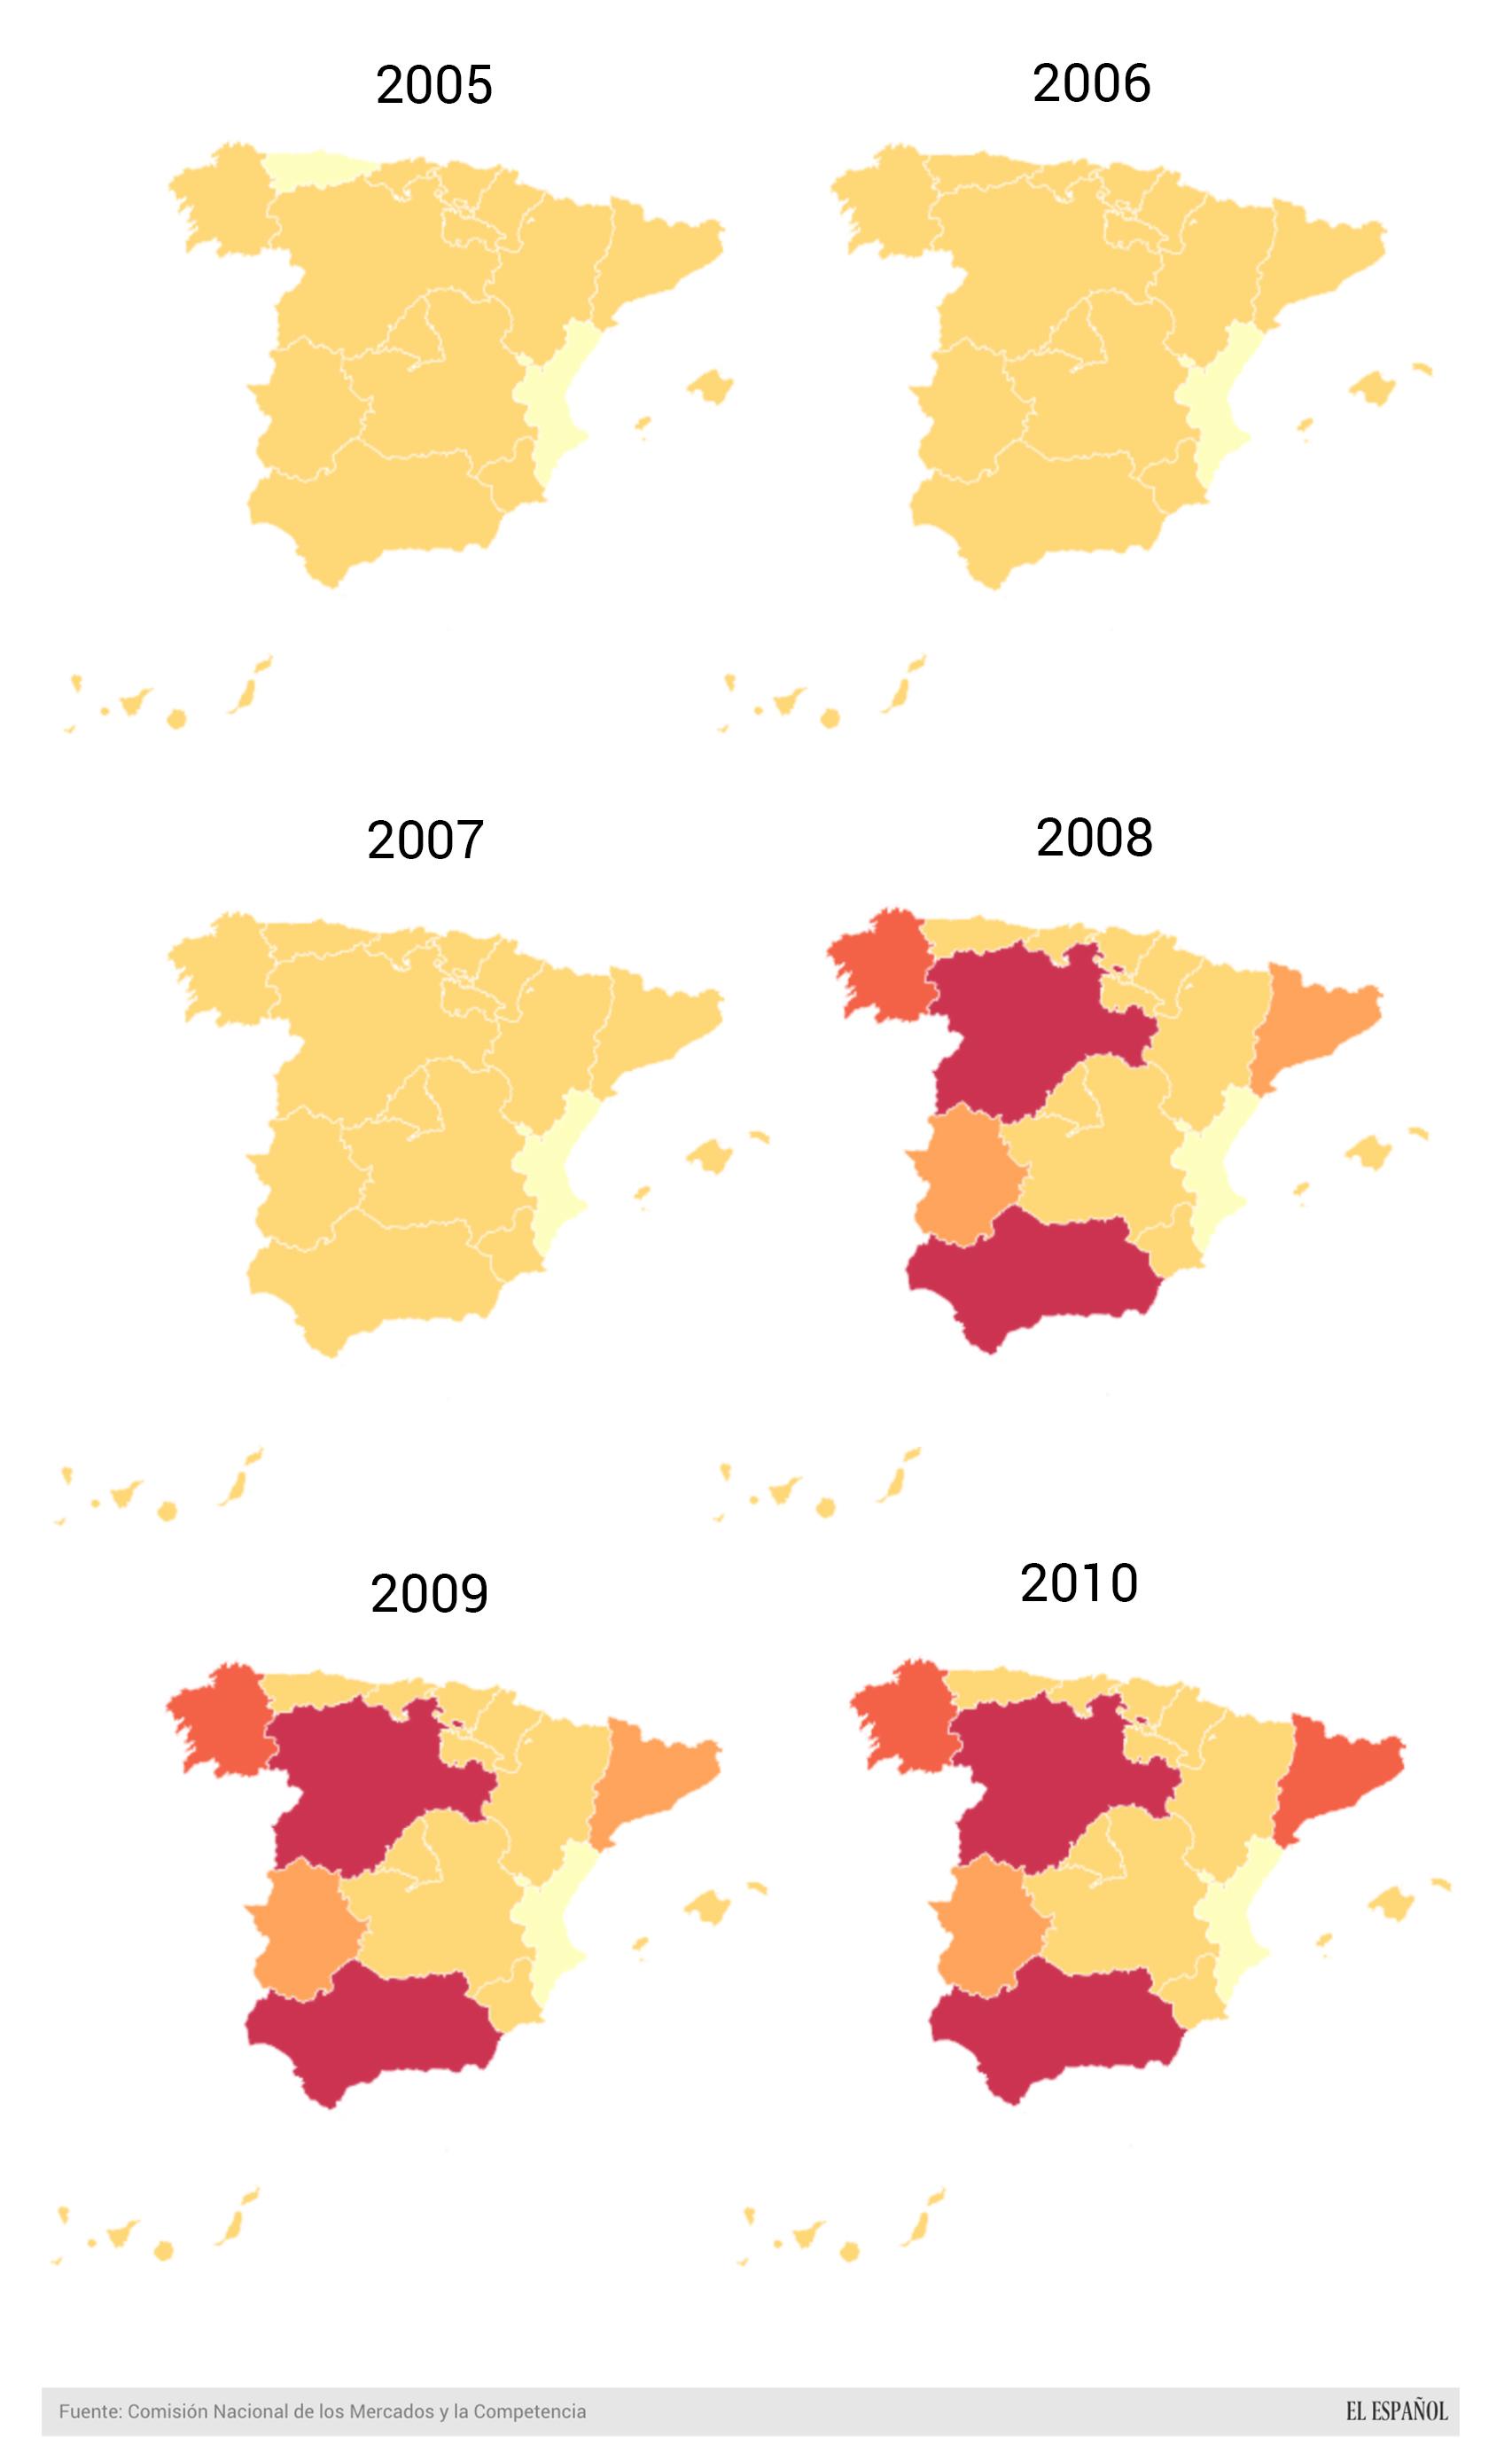 Evolución anual de la potencia instalada de energía fotovoltaica en España